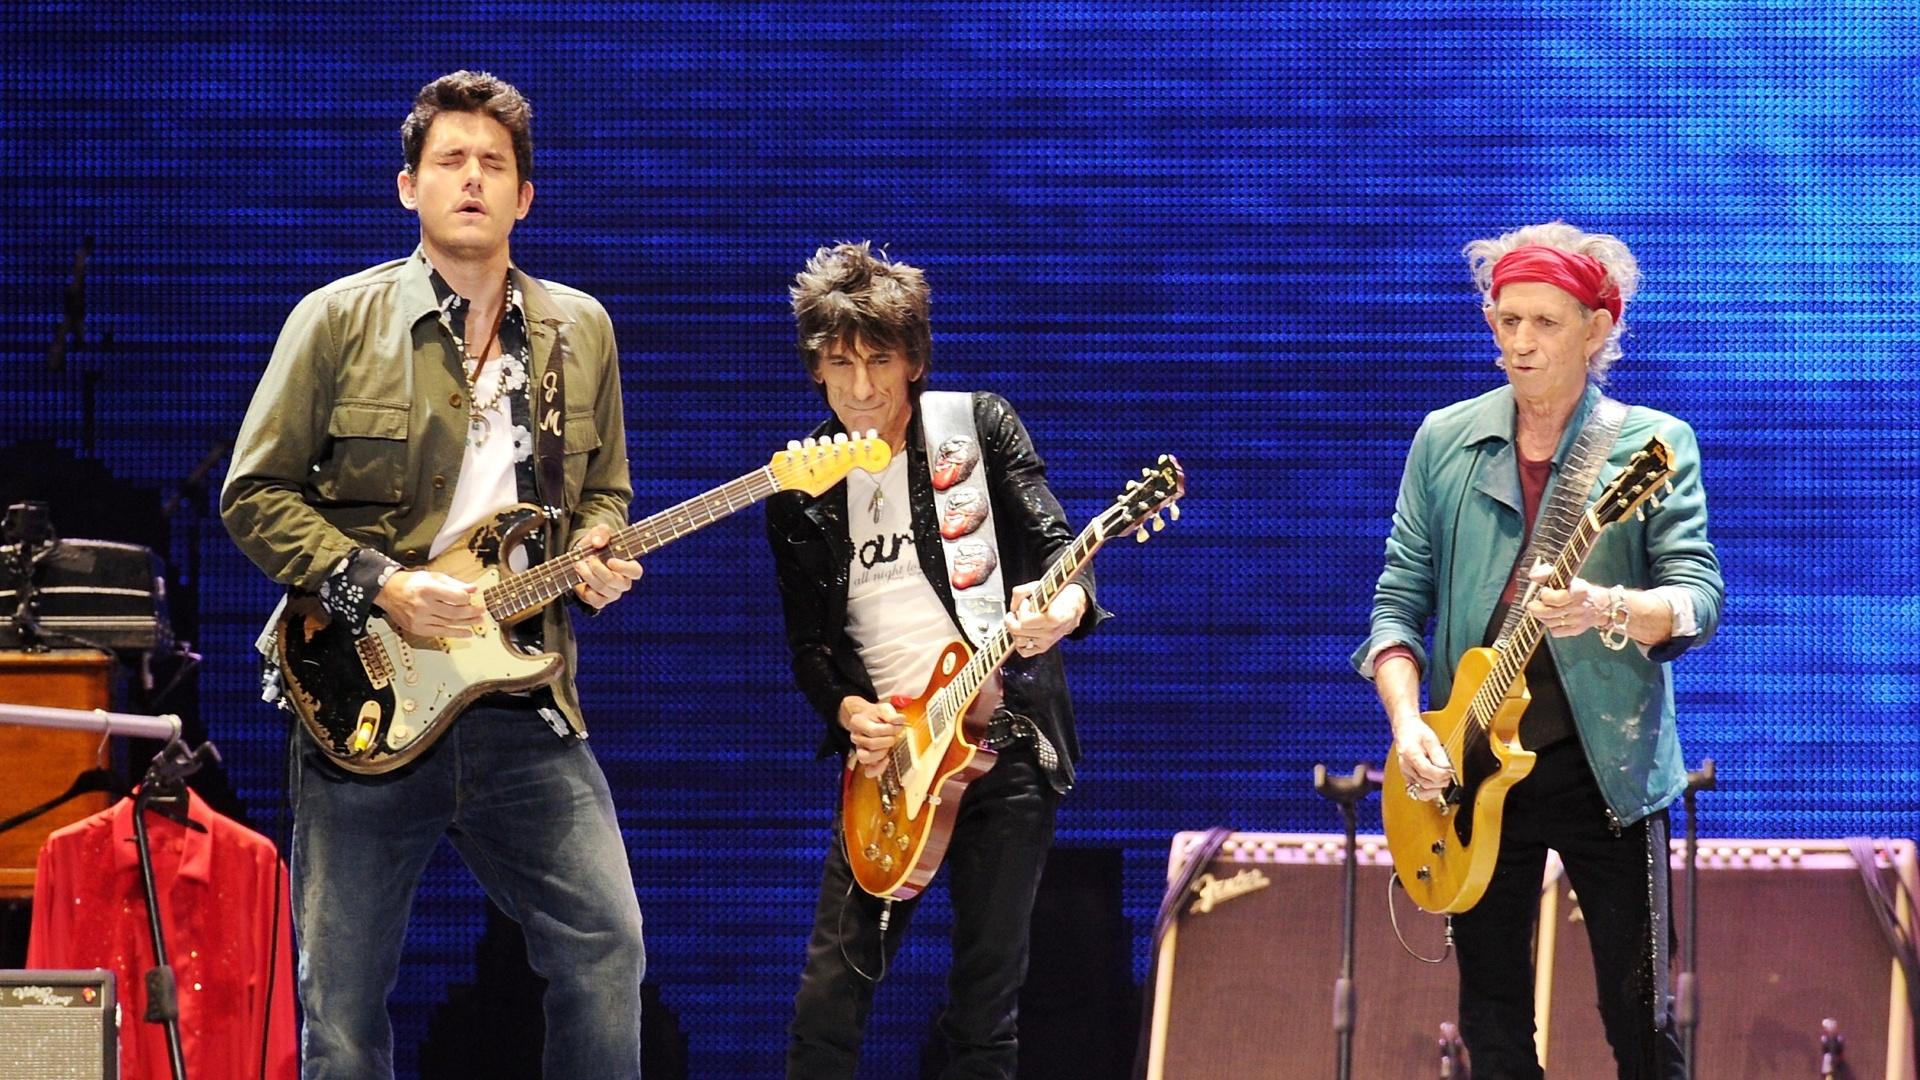 16.dez.2012 - John Mayer se apresentou com os Rolling Stones do último show da banda em comemoração aos 50 anos de carreira, nos EUA